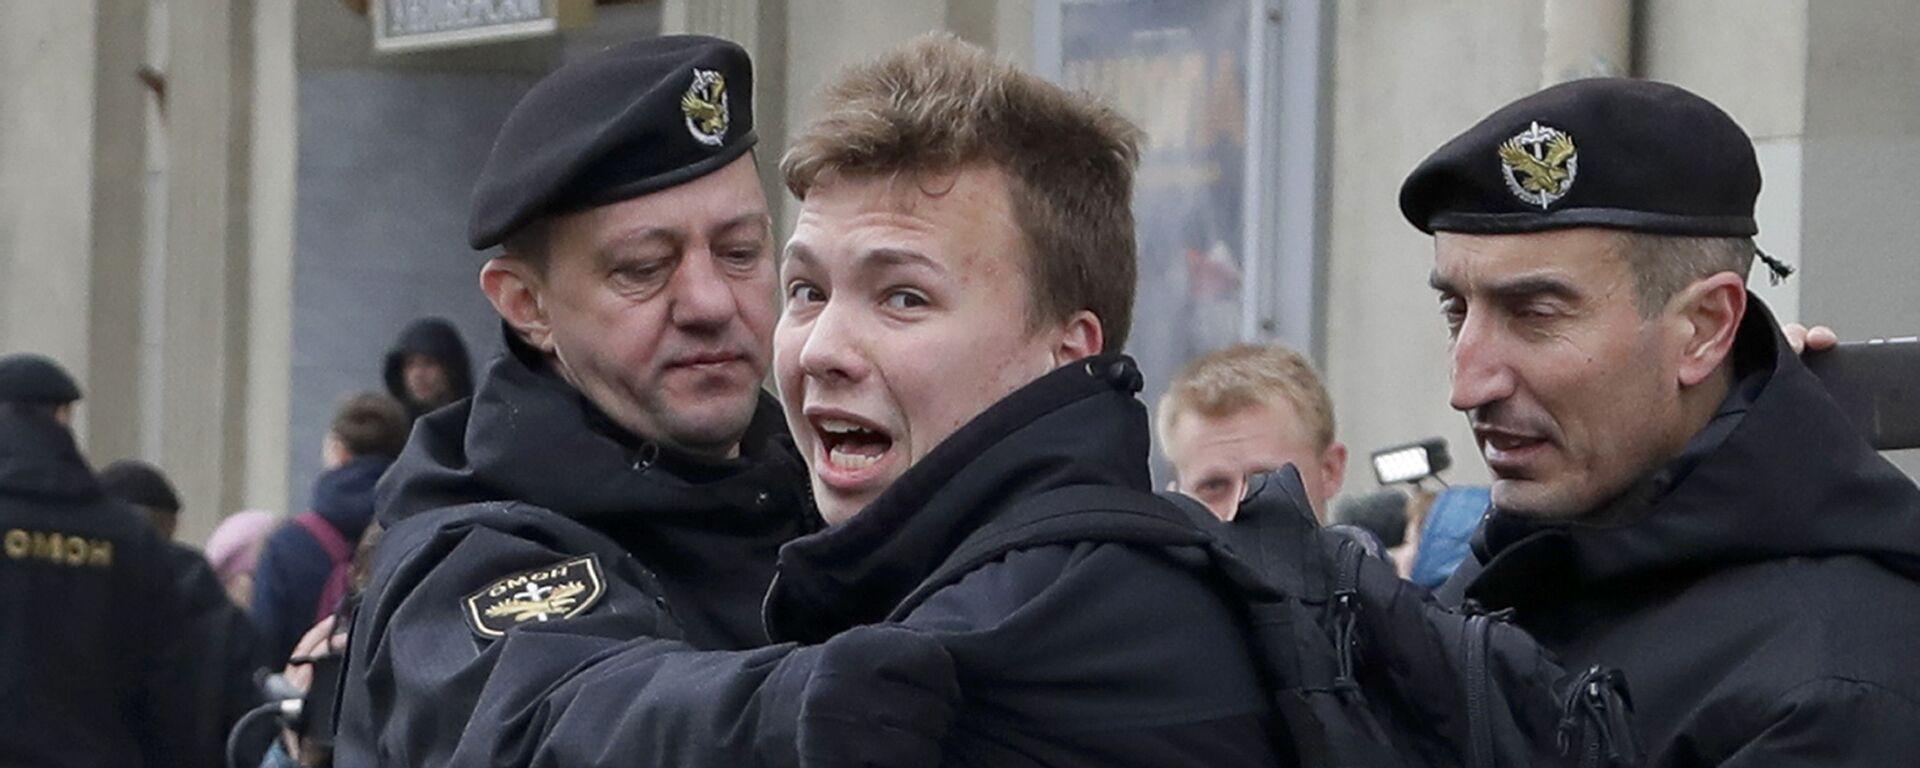 Policja zatrzymuje dziennikarza Ramana Pratasiewicza w Mińsku, Białoruś - Sputnik Polska, 1920, 05.06.2021